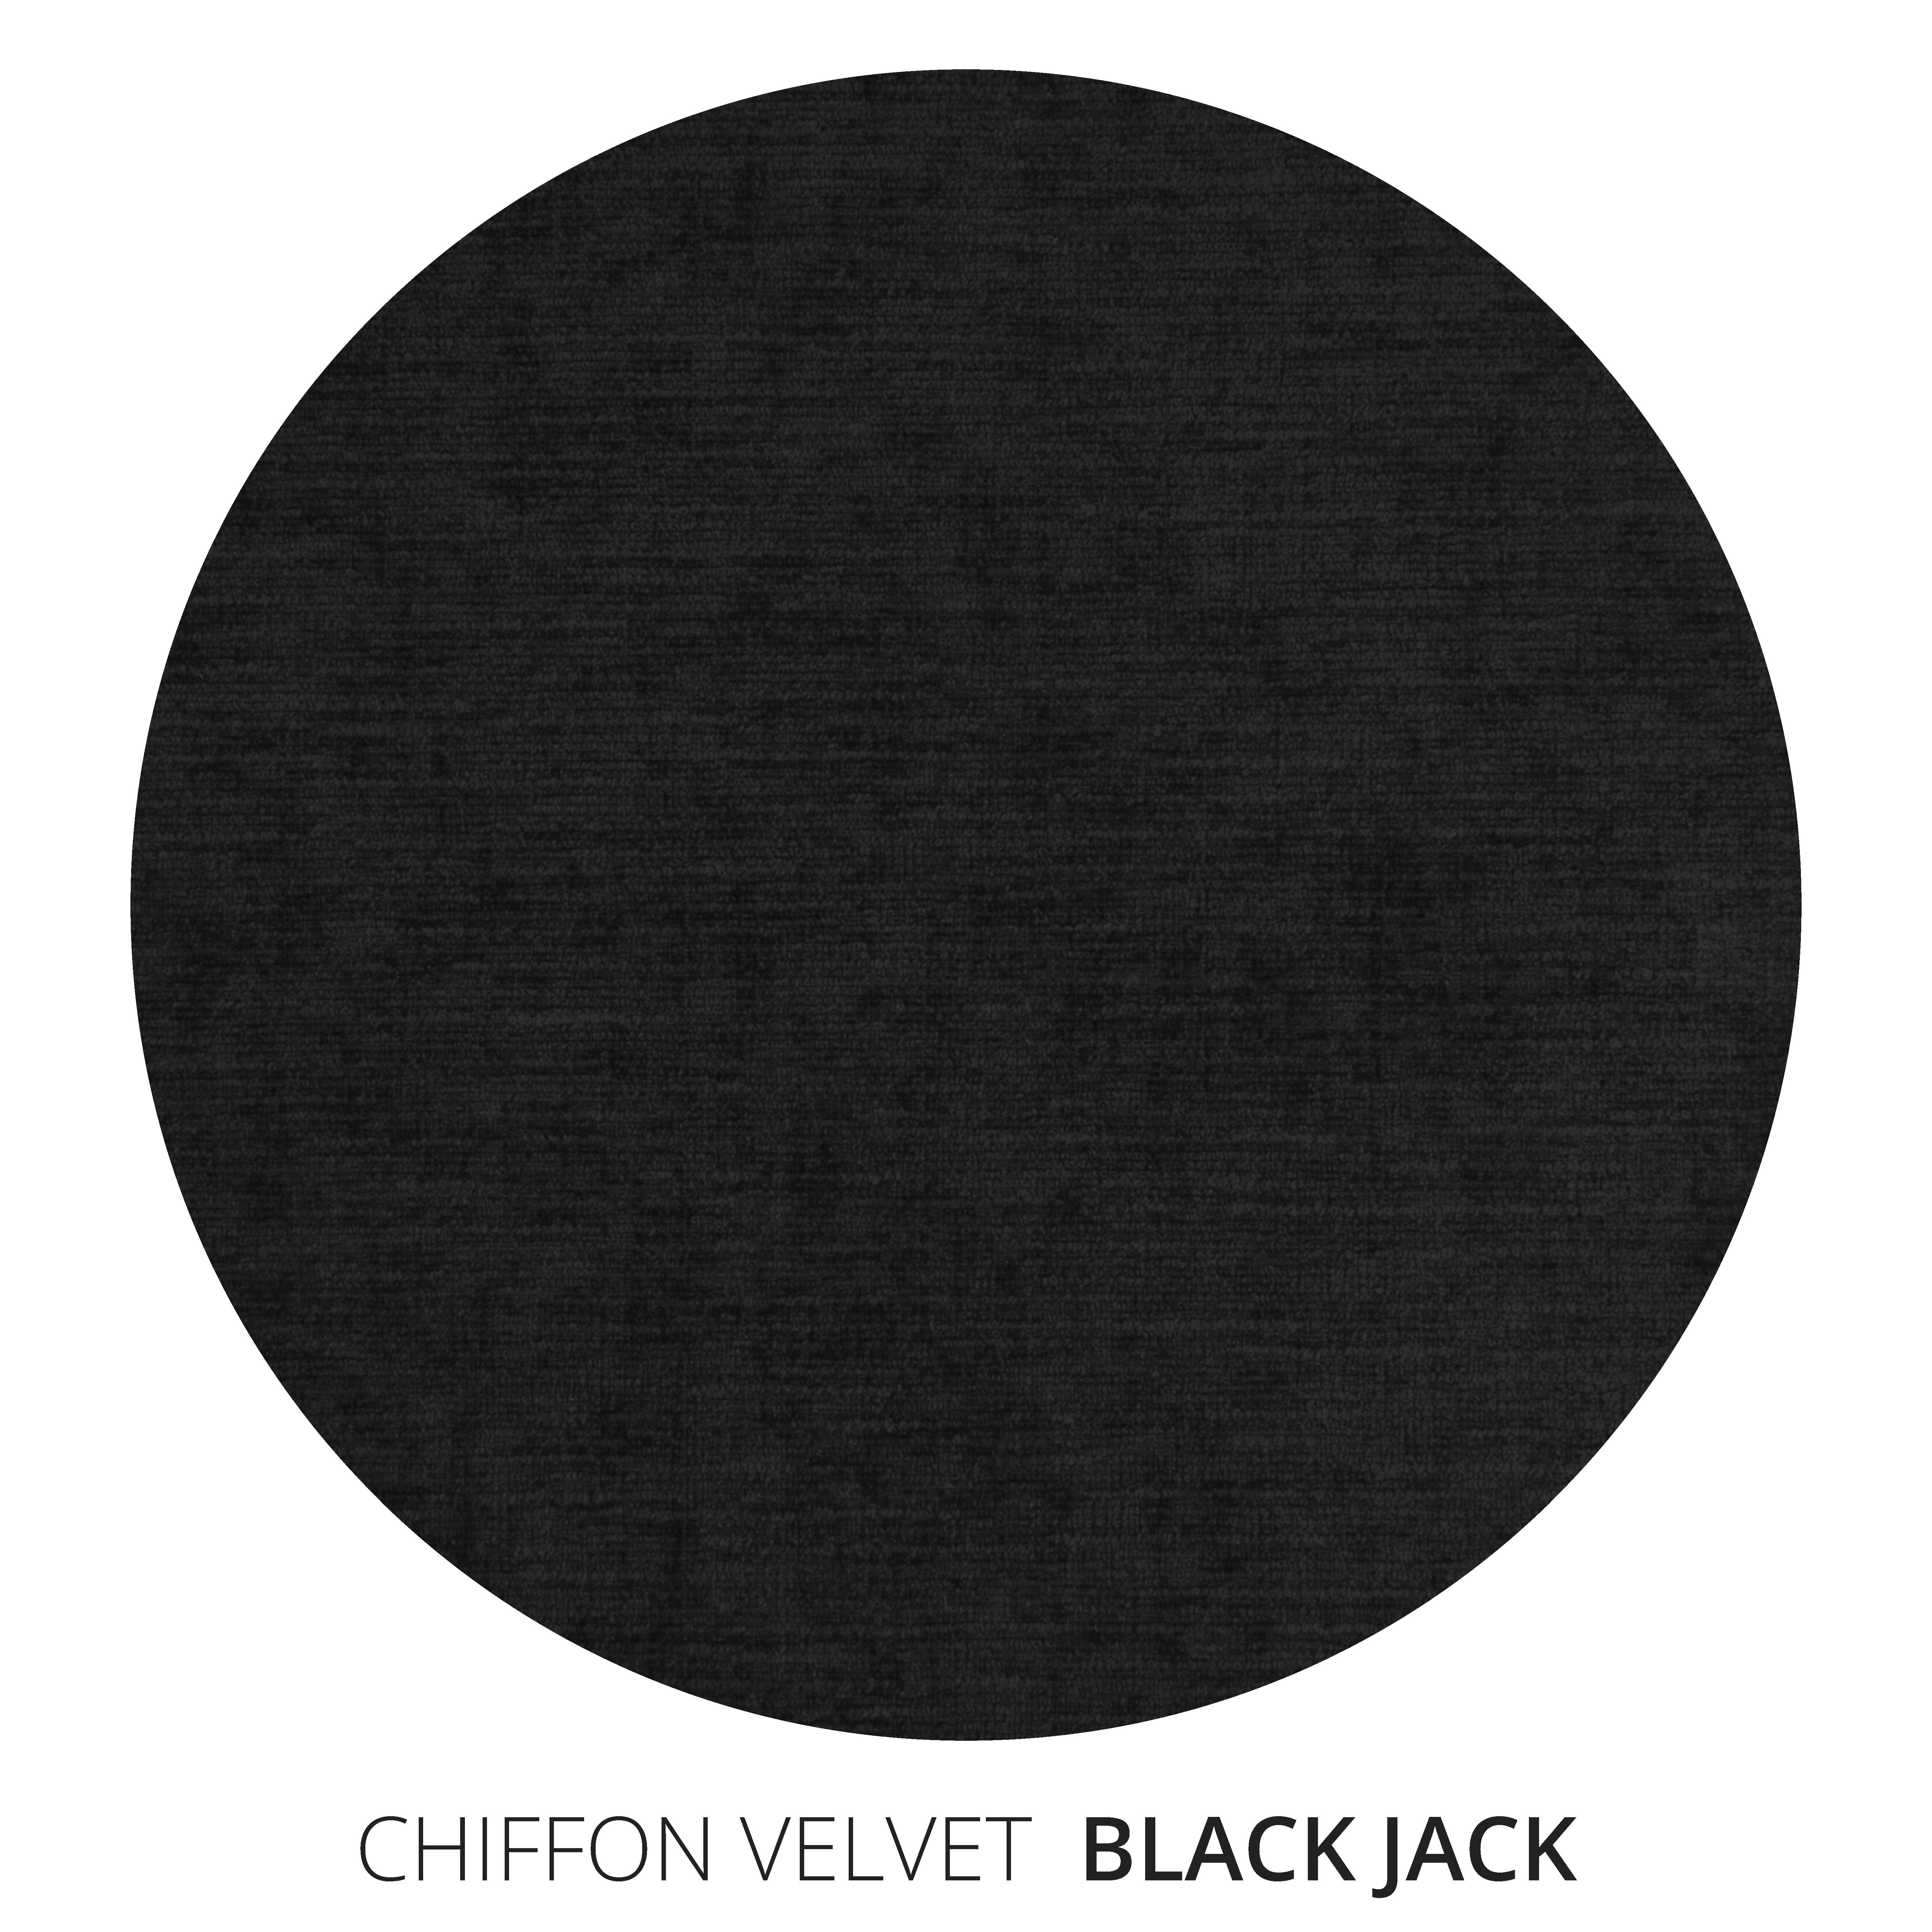 Black Jack Chiffon Velvet Swatch